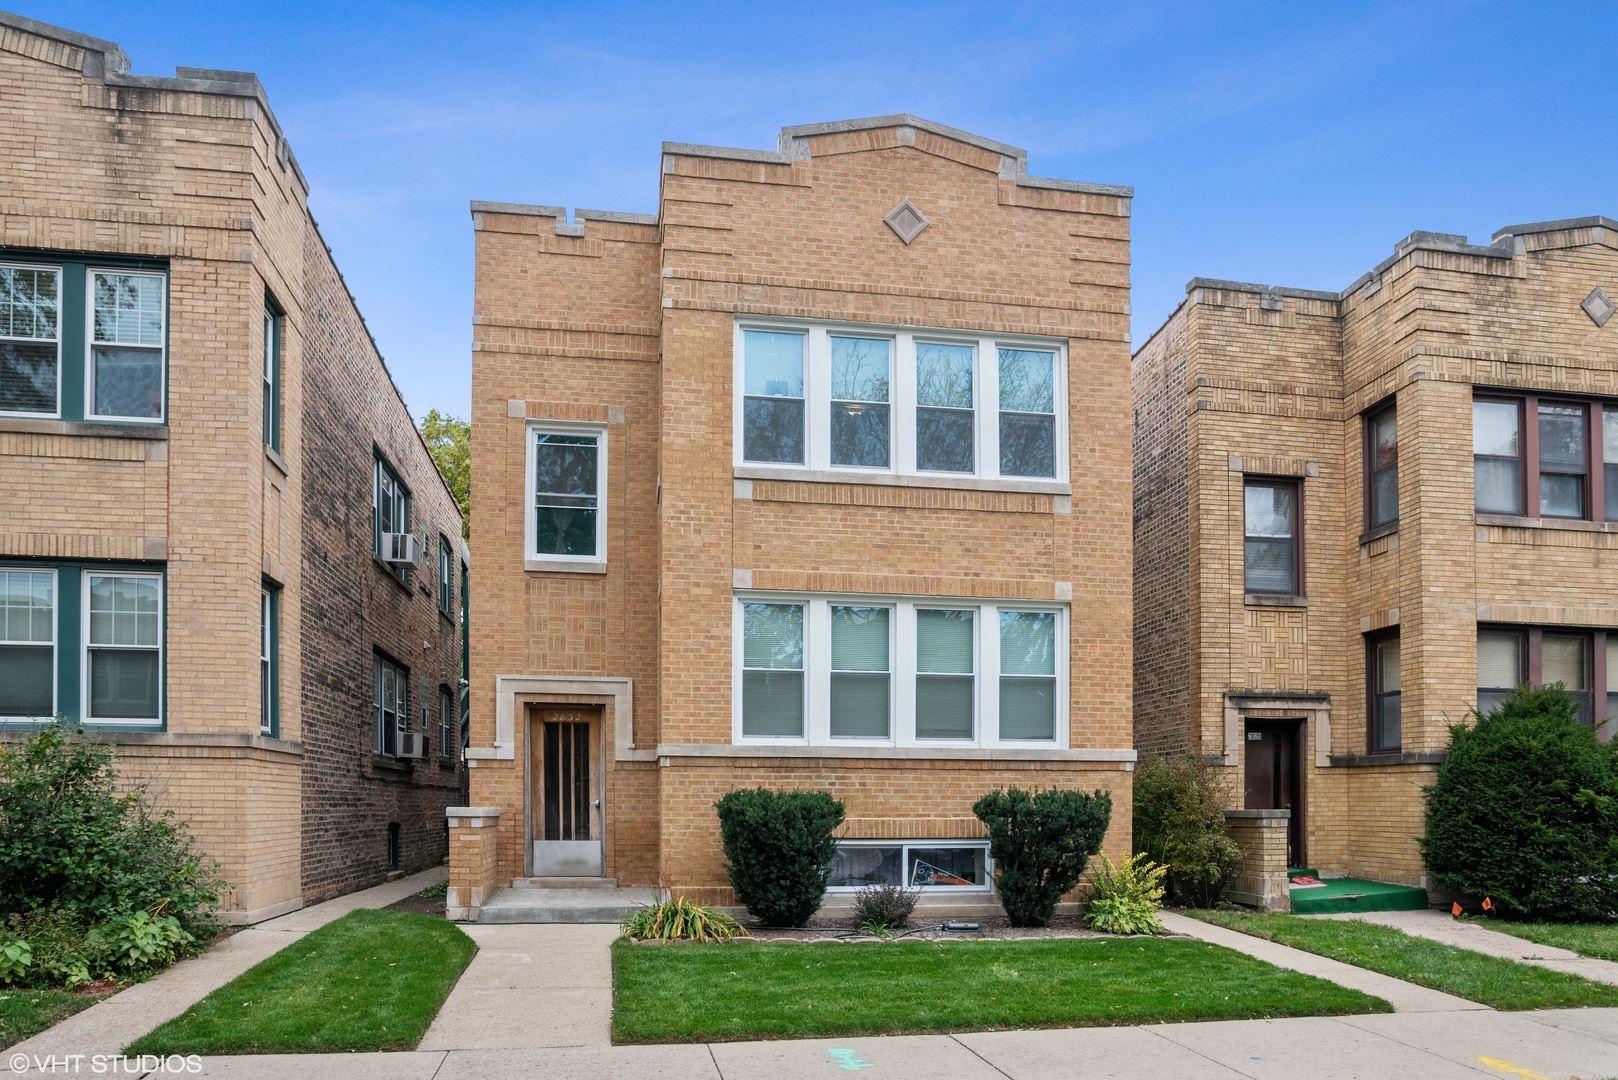 2832 W Lunt Avenue, Chicago, IL 60645 - #: 10680792